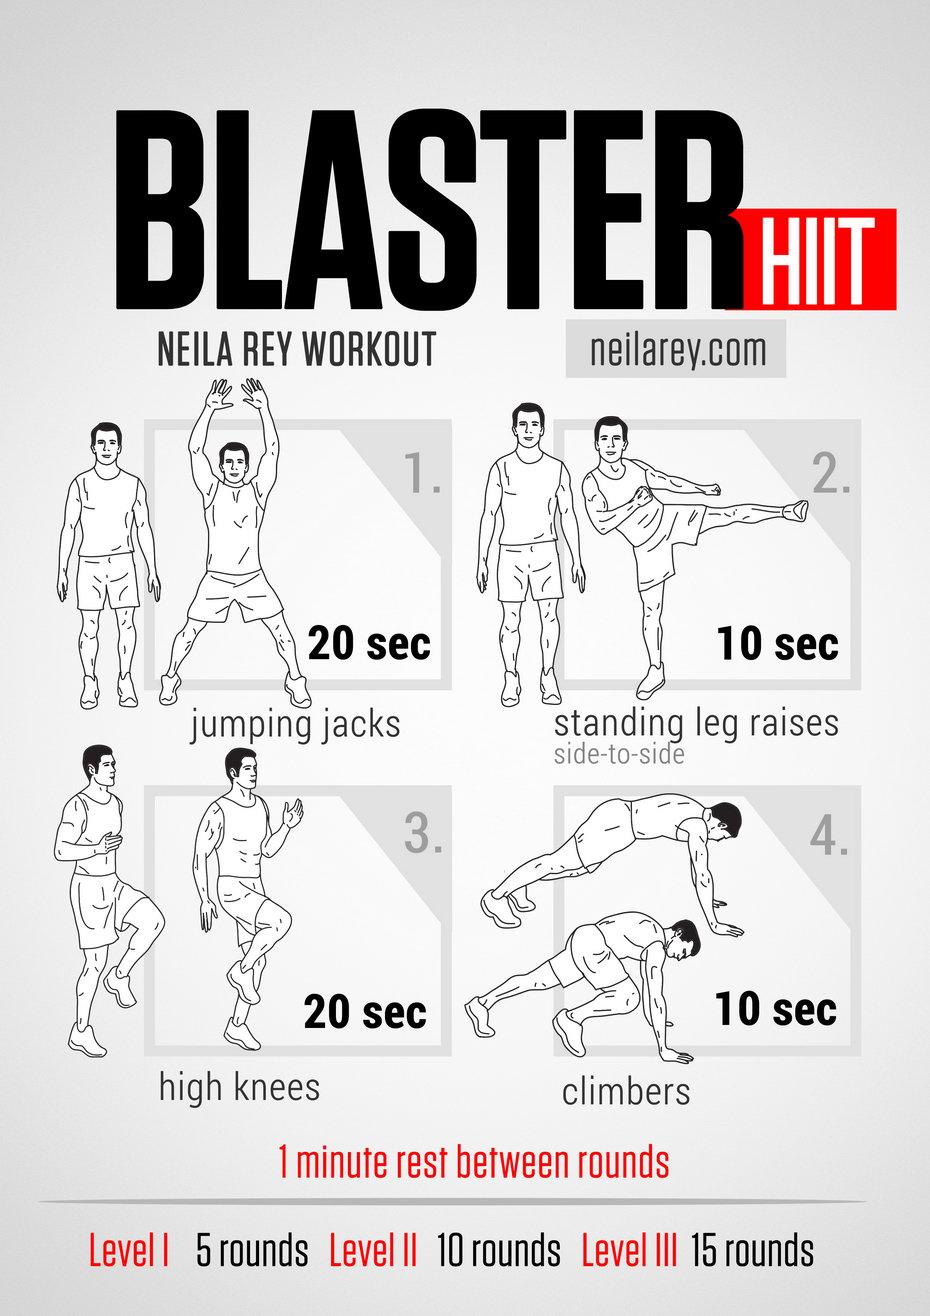 Blaster HIIT